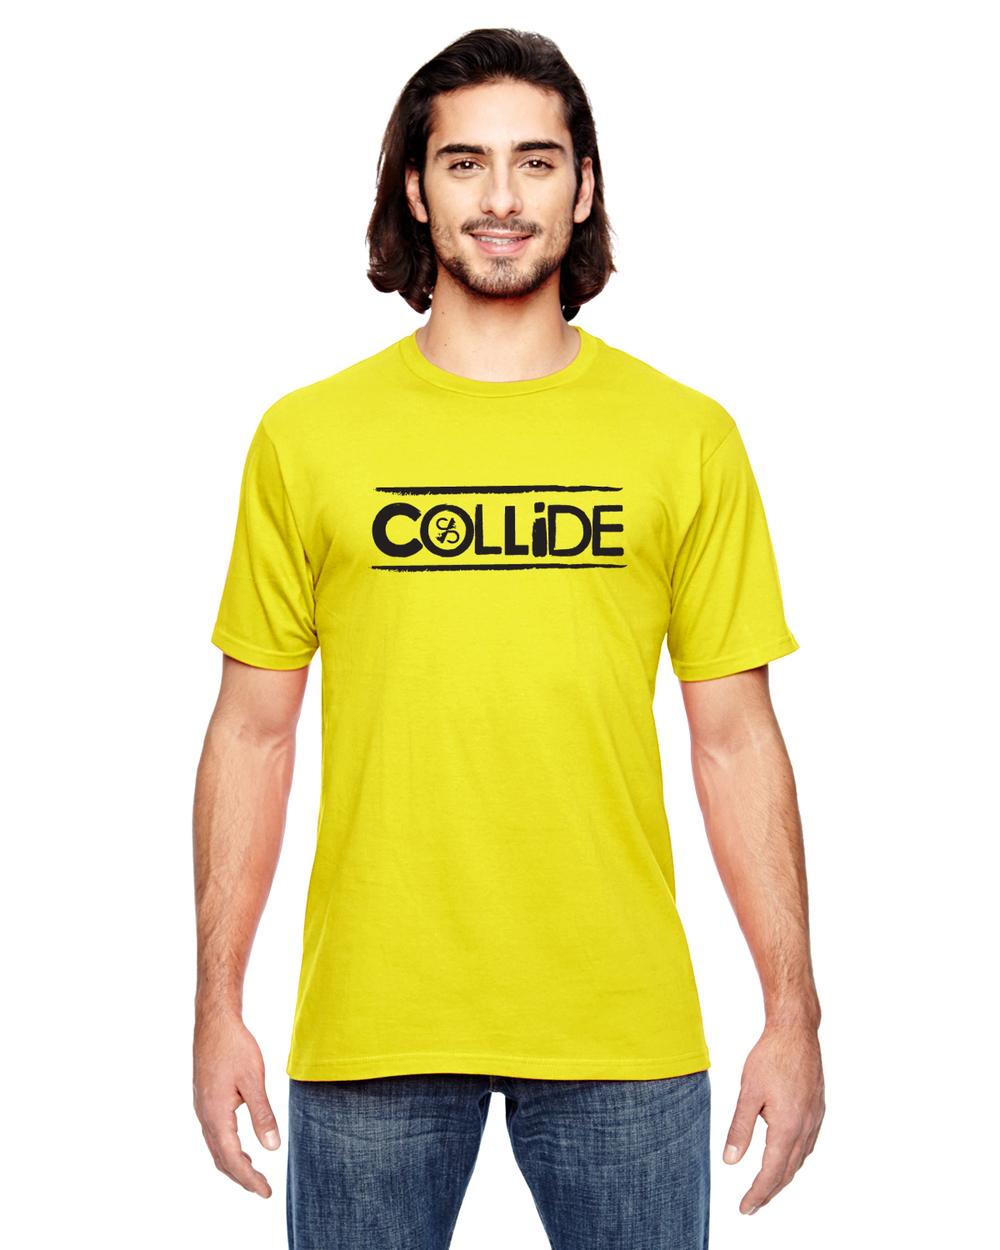 collide_shirtmock.jpg